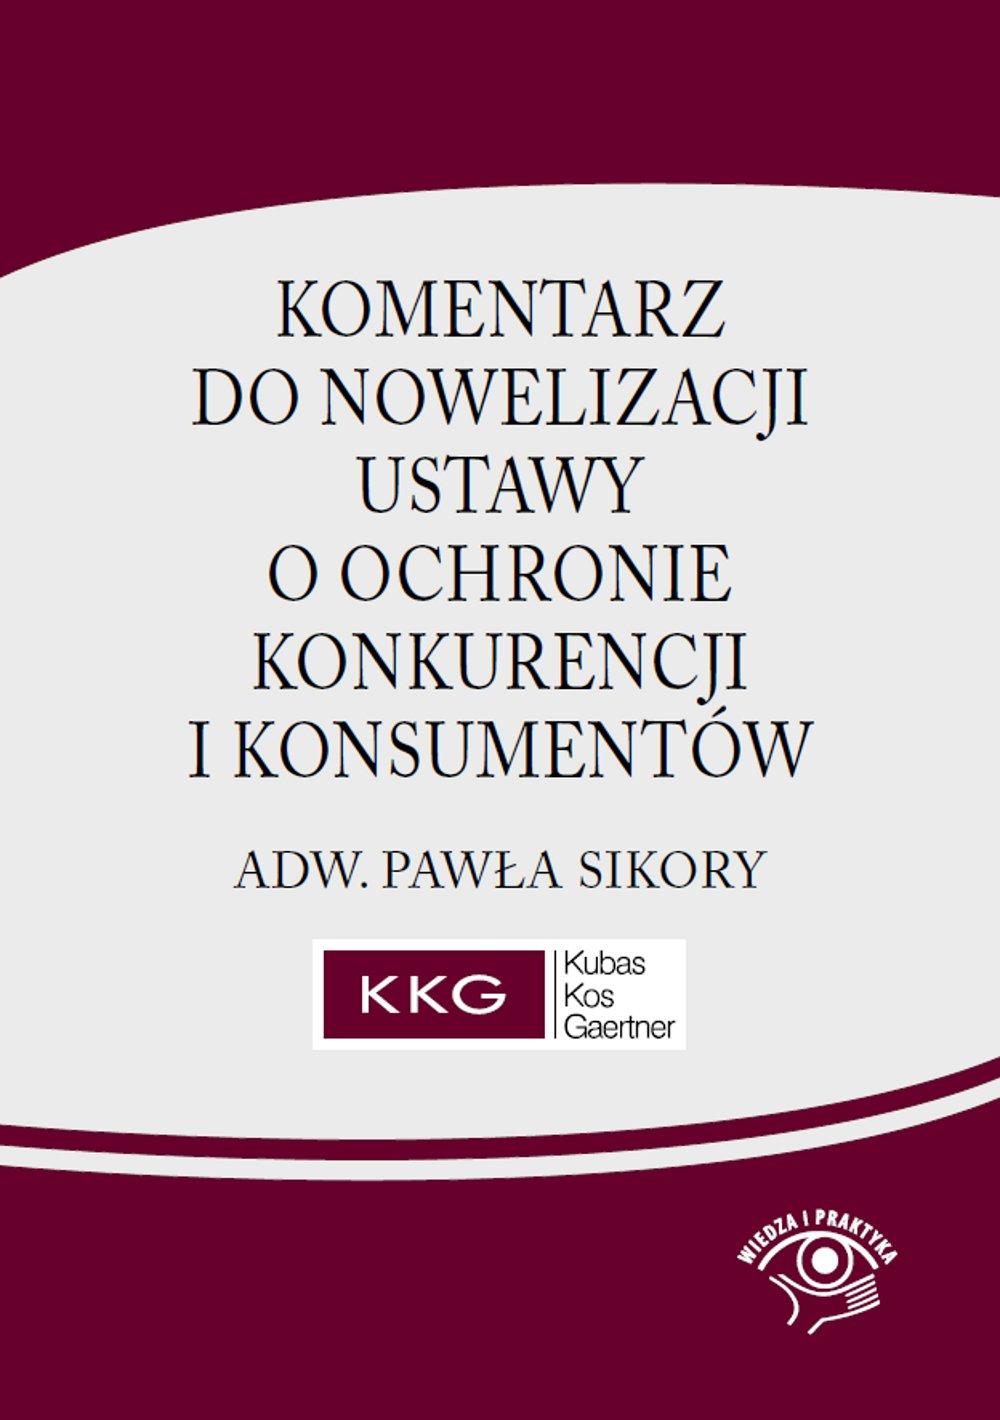 Komentarz do nowelizacji ustawy o ochronie konkurencji i konsumentów adw. Pawła Sikory - Ebook (Książka EPUB) do pobrania w formacie EPUB